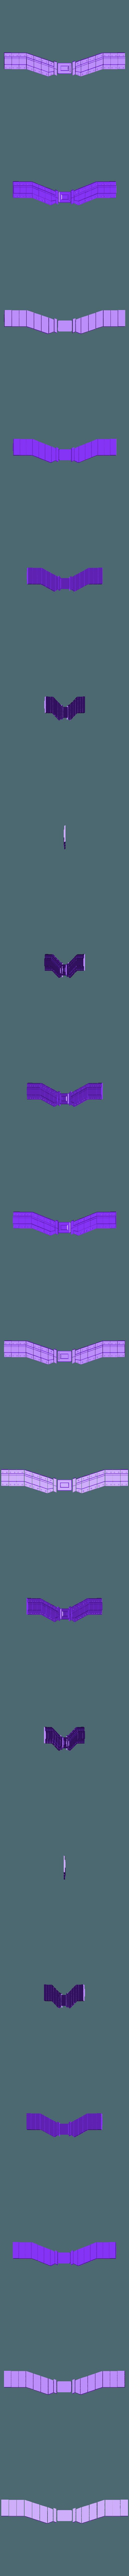 batman rebirth belt.stl Télécharger fichier STL CEINTURE DE RENAISSANCE BATMAN • Design à imprimer en 3D, jediSam